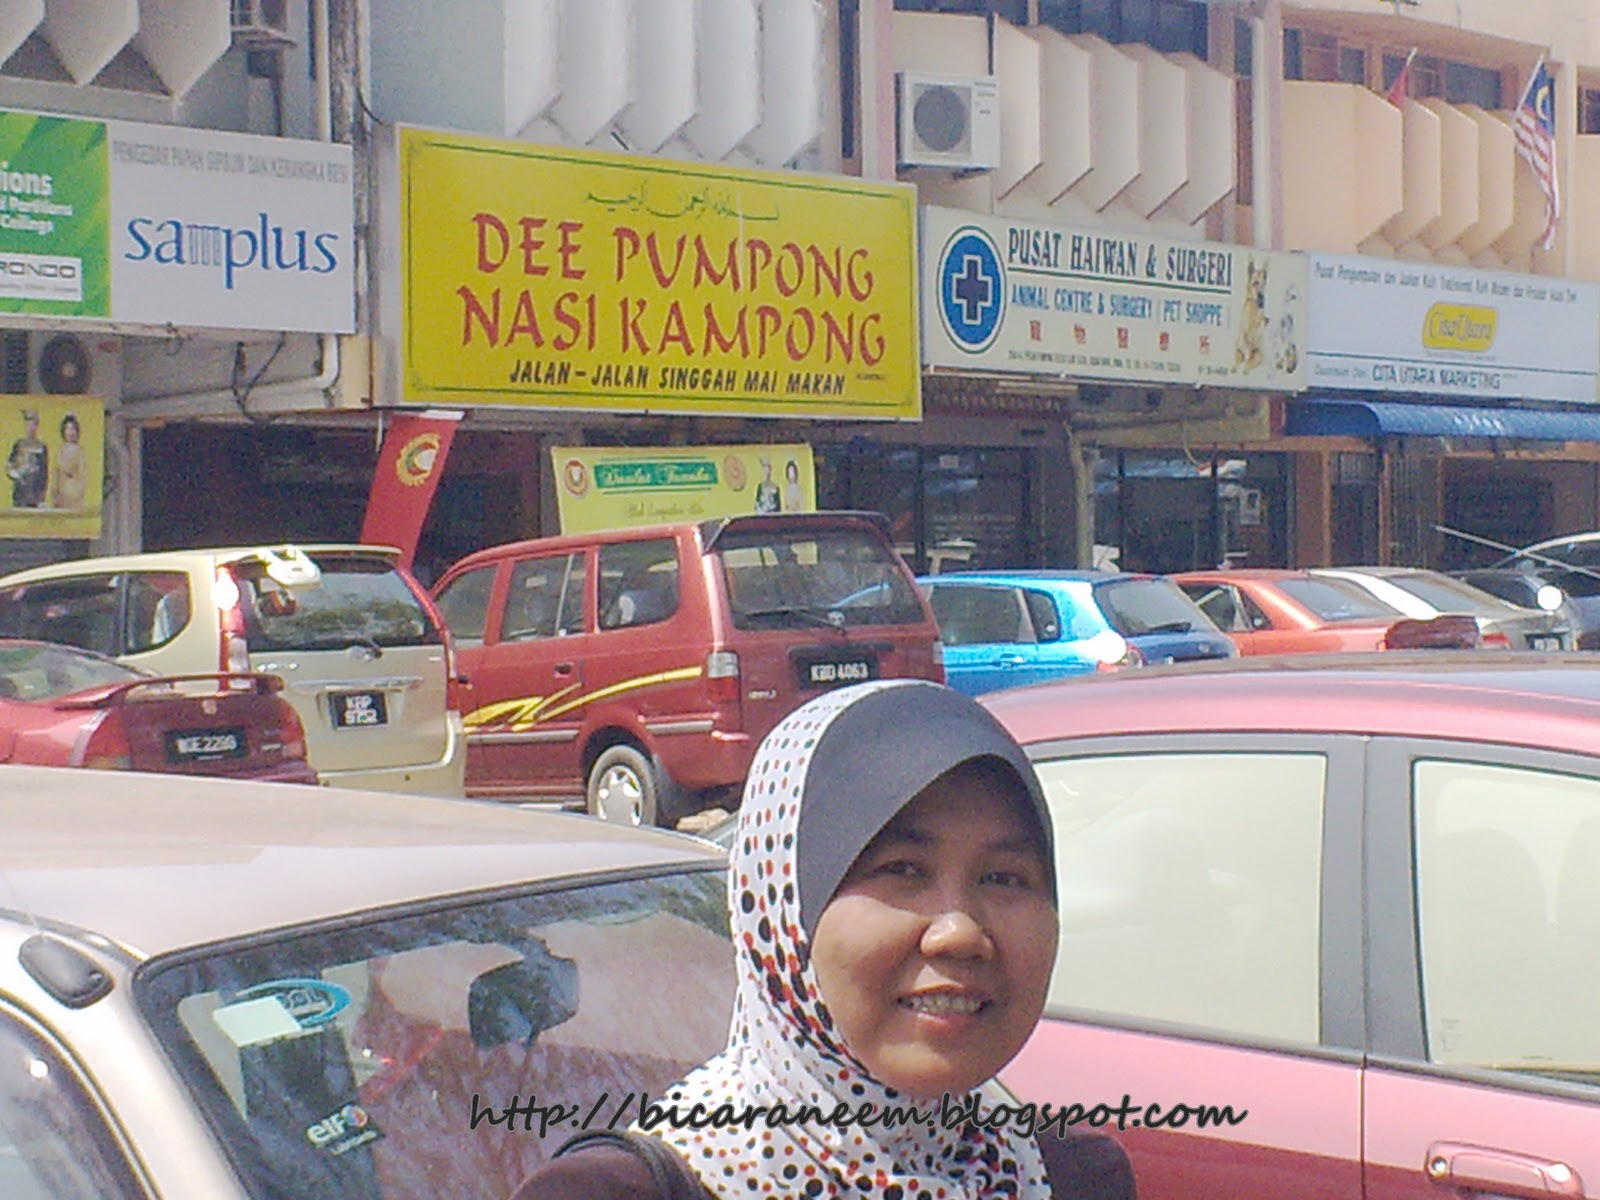 Turun Dari Alor Setar Tower Lapaq Lah Perut Berdekatan Kedah Medical Centre Kmc Di Deretan Rumah Kedai 2 Tingkat Nak Bawa Bonda Makan Masakan Kampung